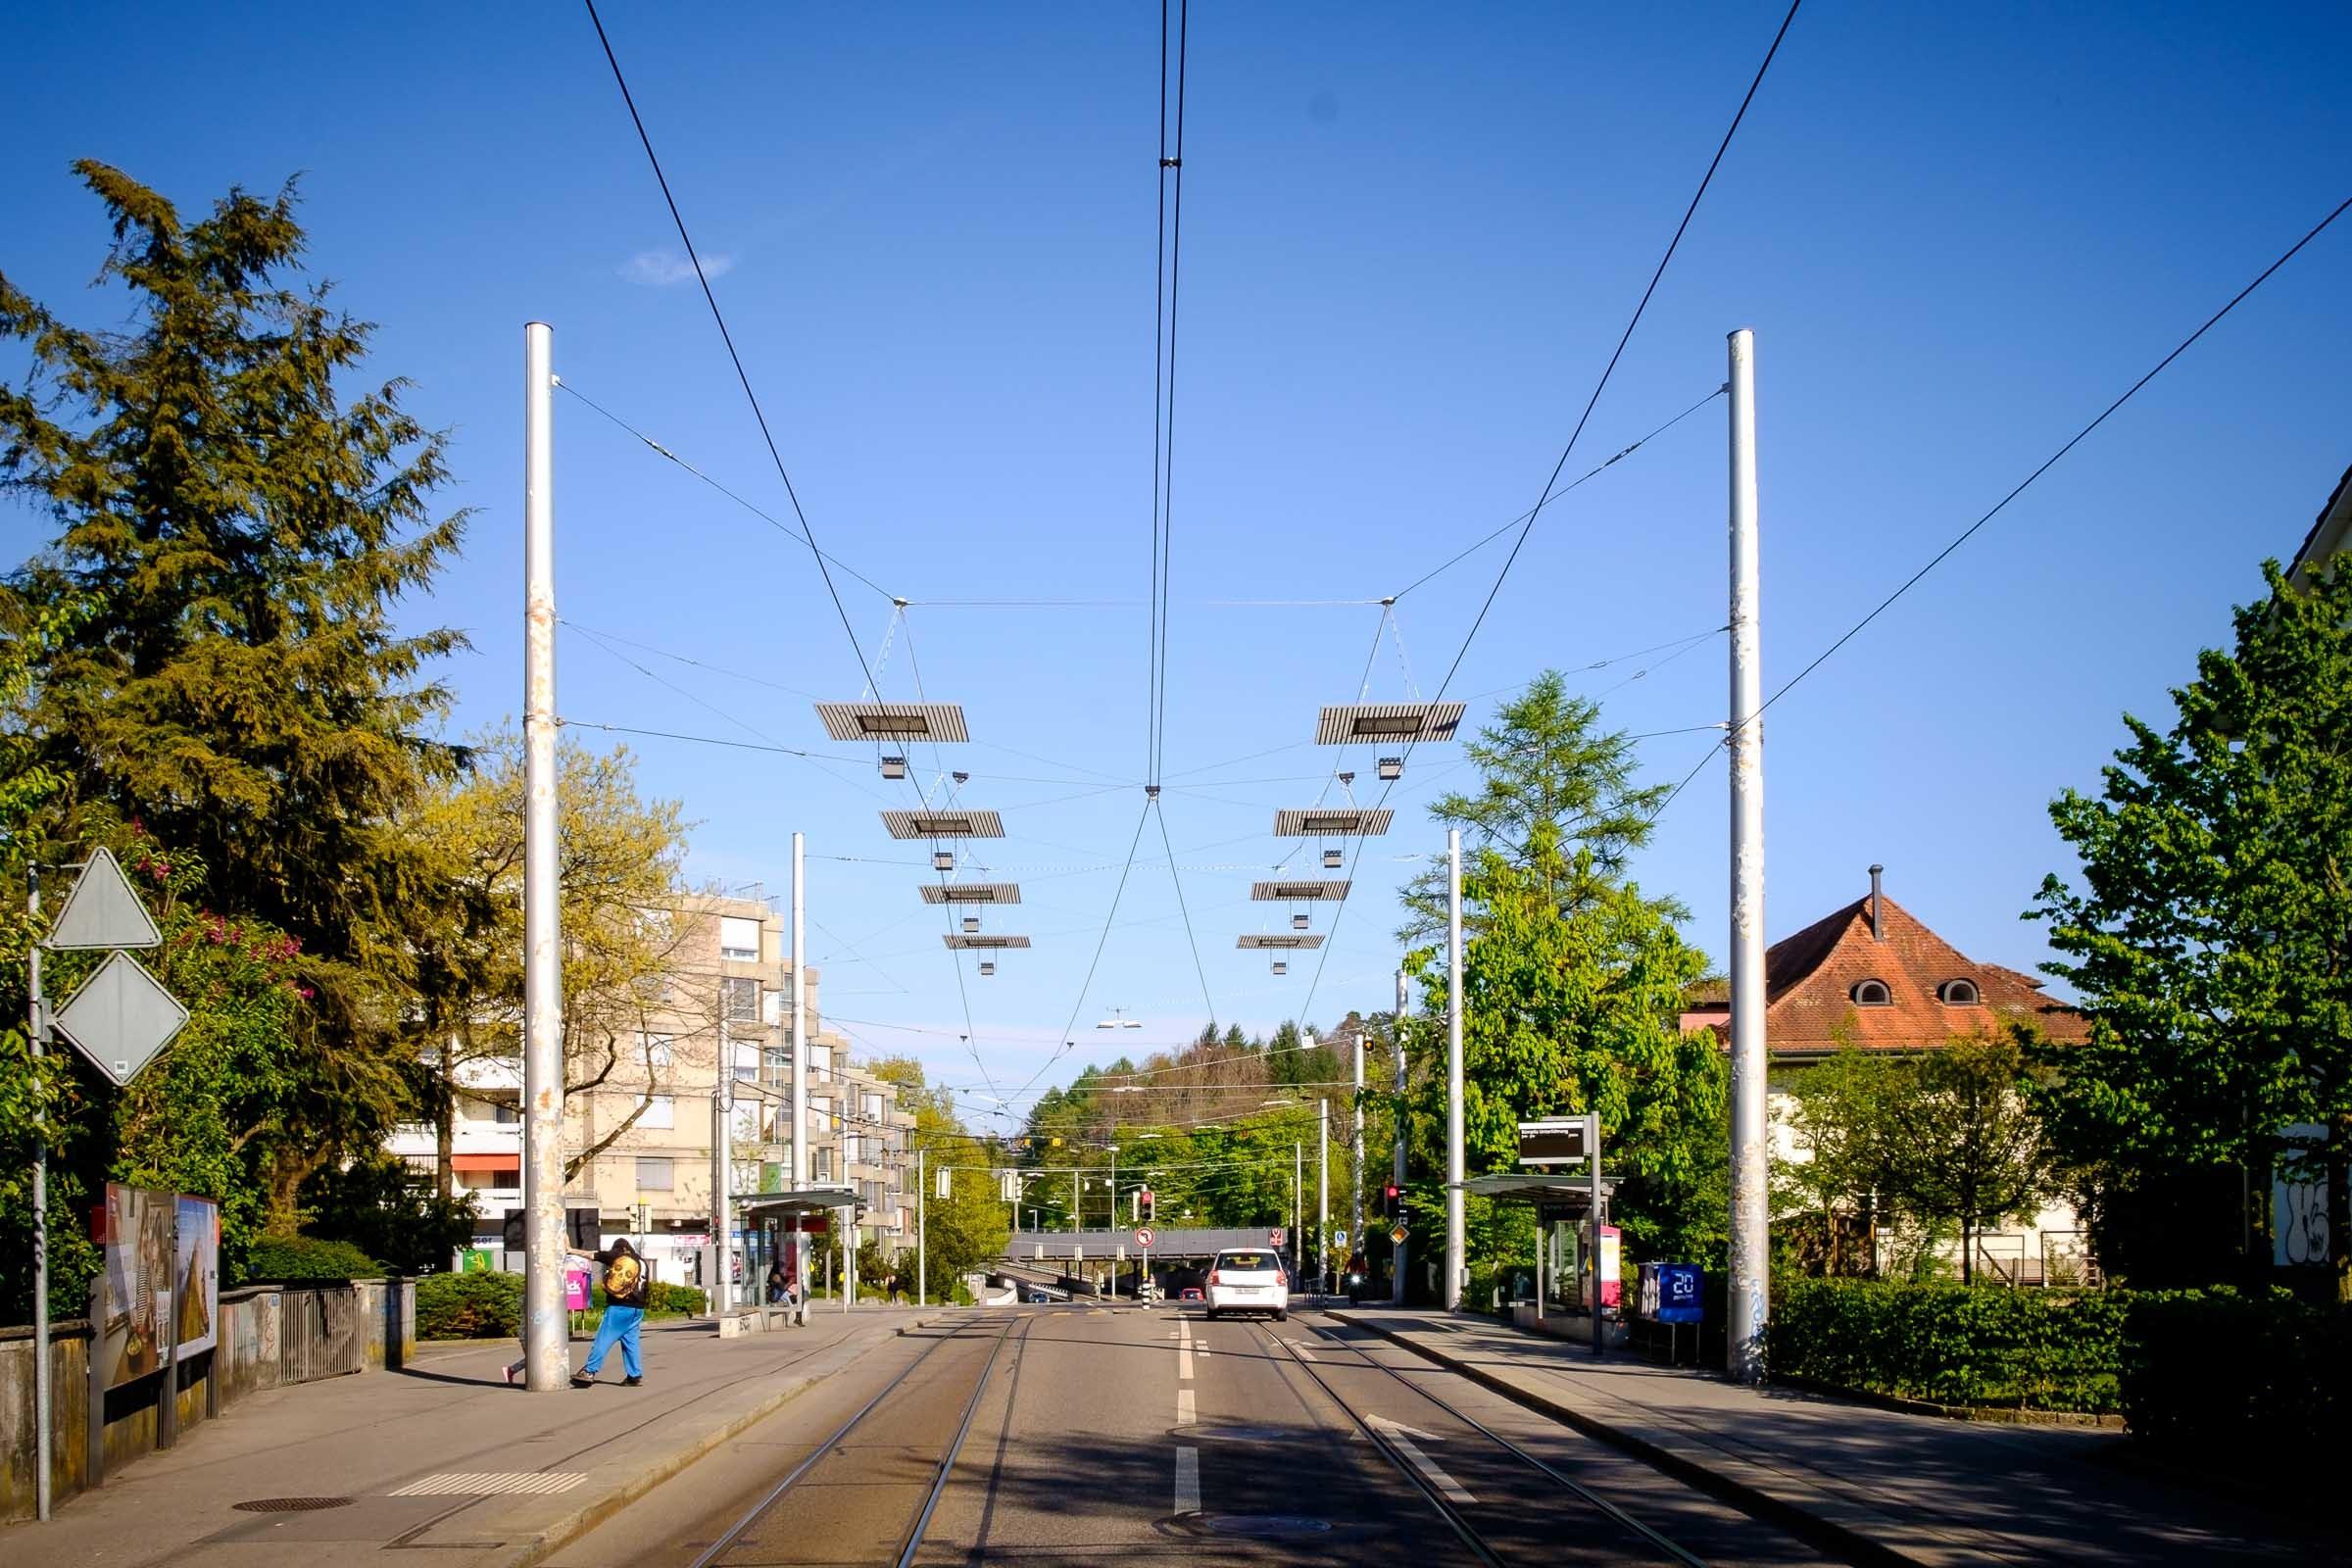 Bümpliz Unterführung (line 7, 8), Bern